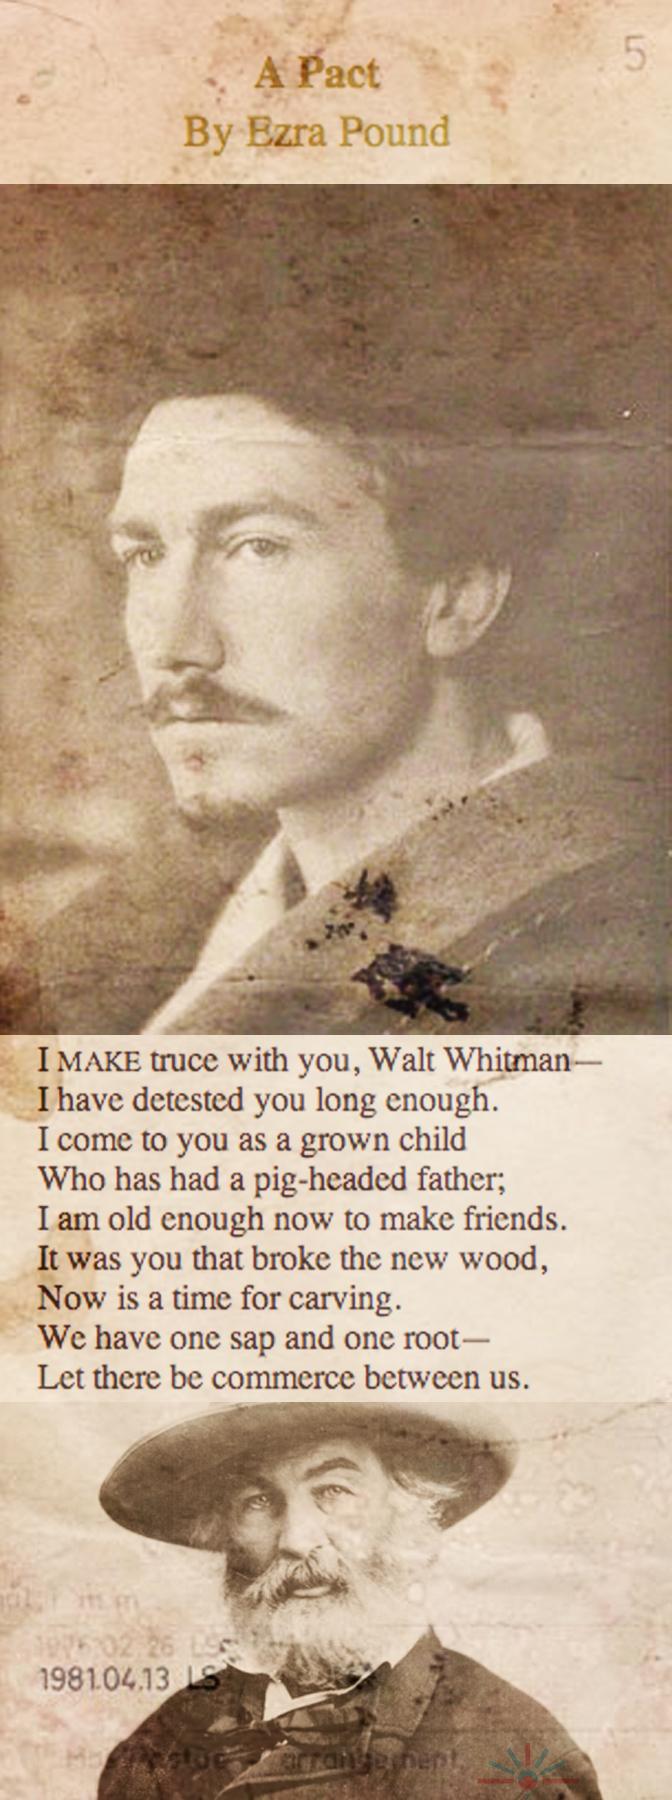 Ezra Pound andWalt Whitman